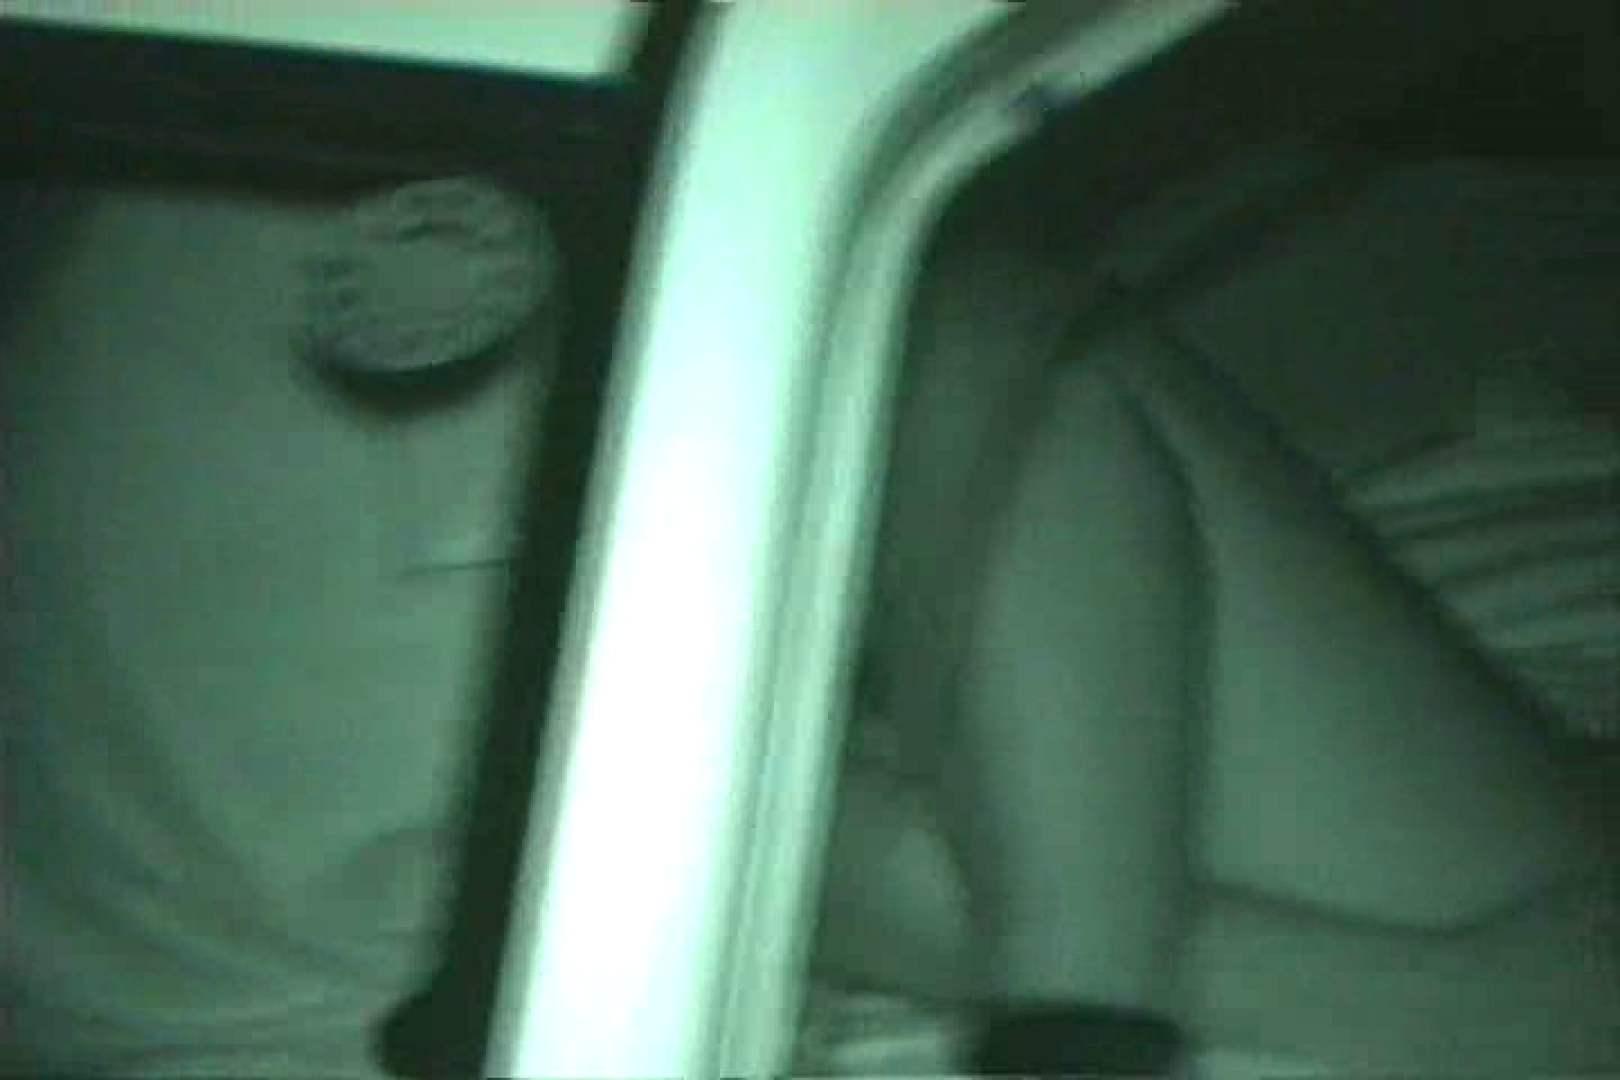 車の中はラブホテル 無修正版  Vol.24 素人はめどり ワレメ動画紹介 102画像 32